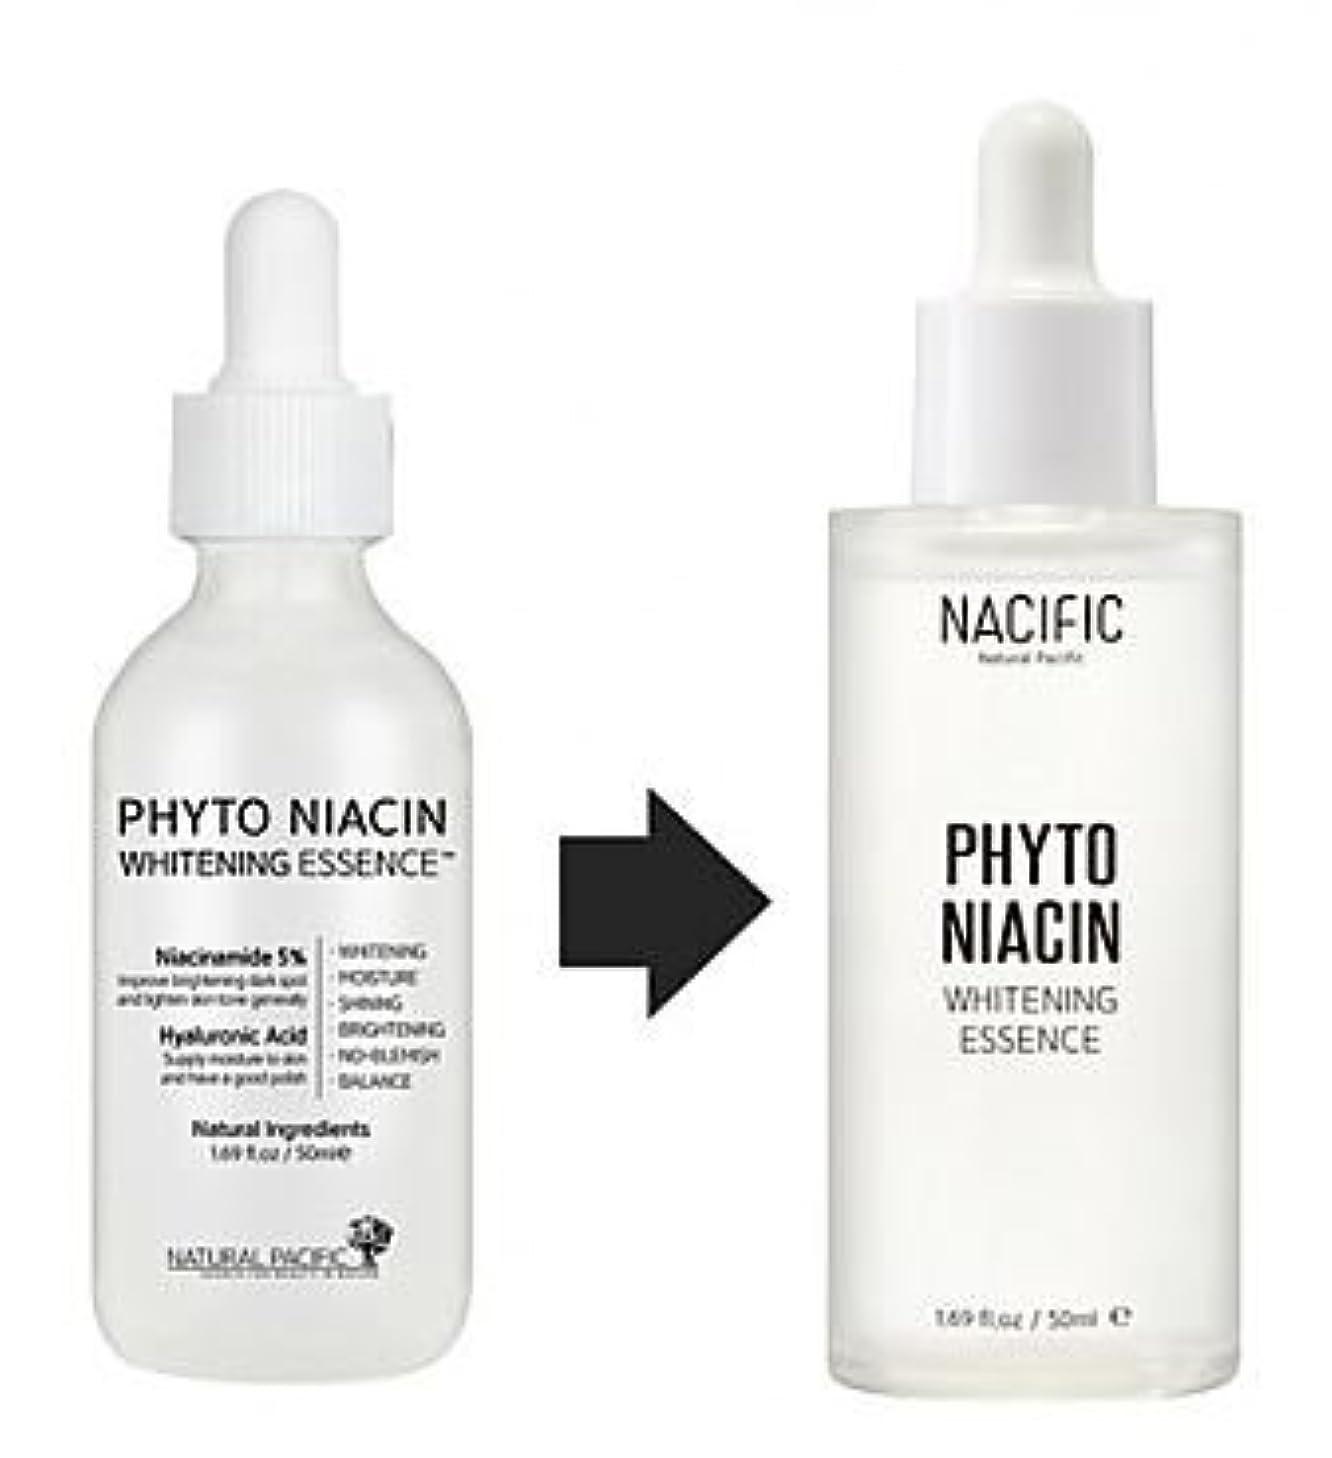 アブセイ防衛請負業者[NACIFIC]Phyto Niacin Whitening Essence 50ml/ナチュラルパシフィック フィト ナイアシン ホワイトニング エッセンス 50ml [並行輸入品]